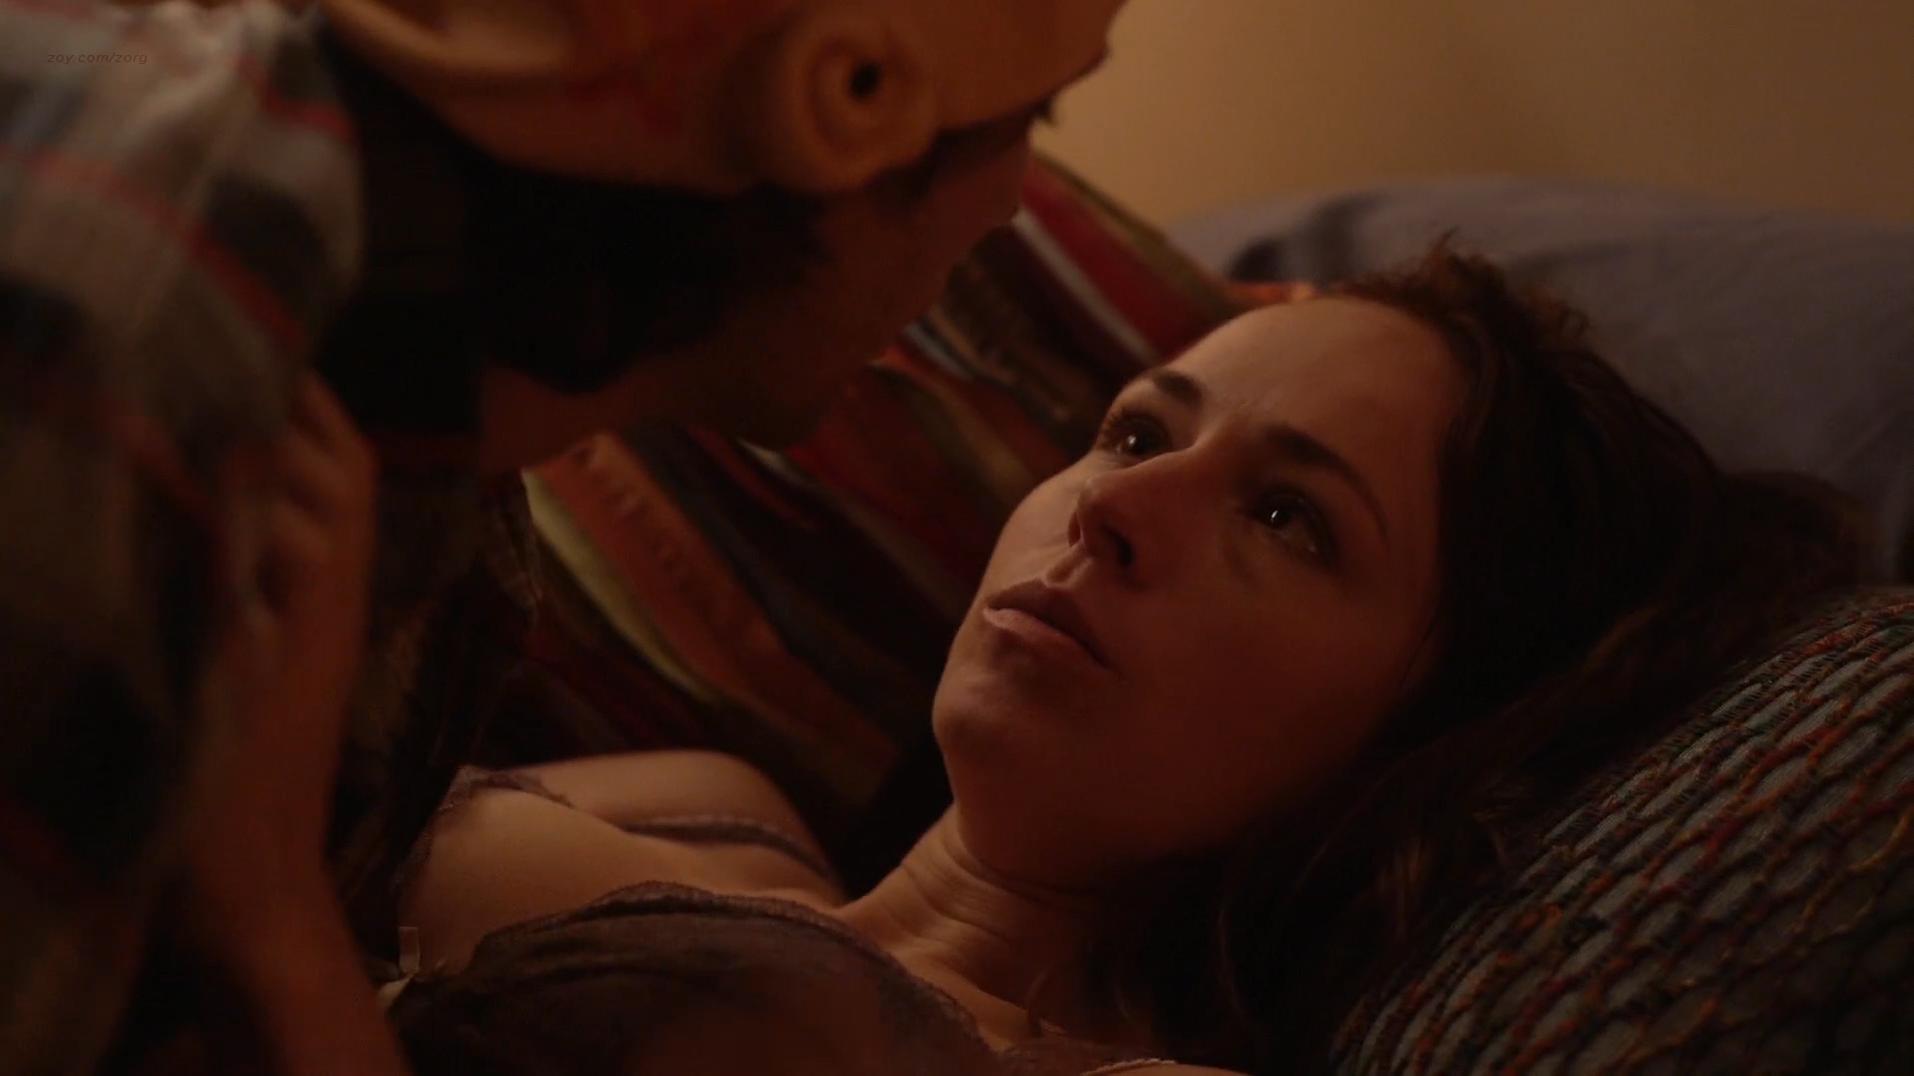 Sarah Goldberg sexy - Hindsight s01e04 (2015)